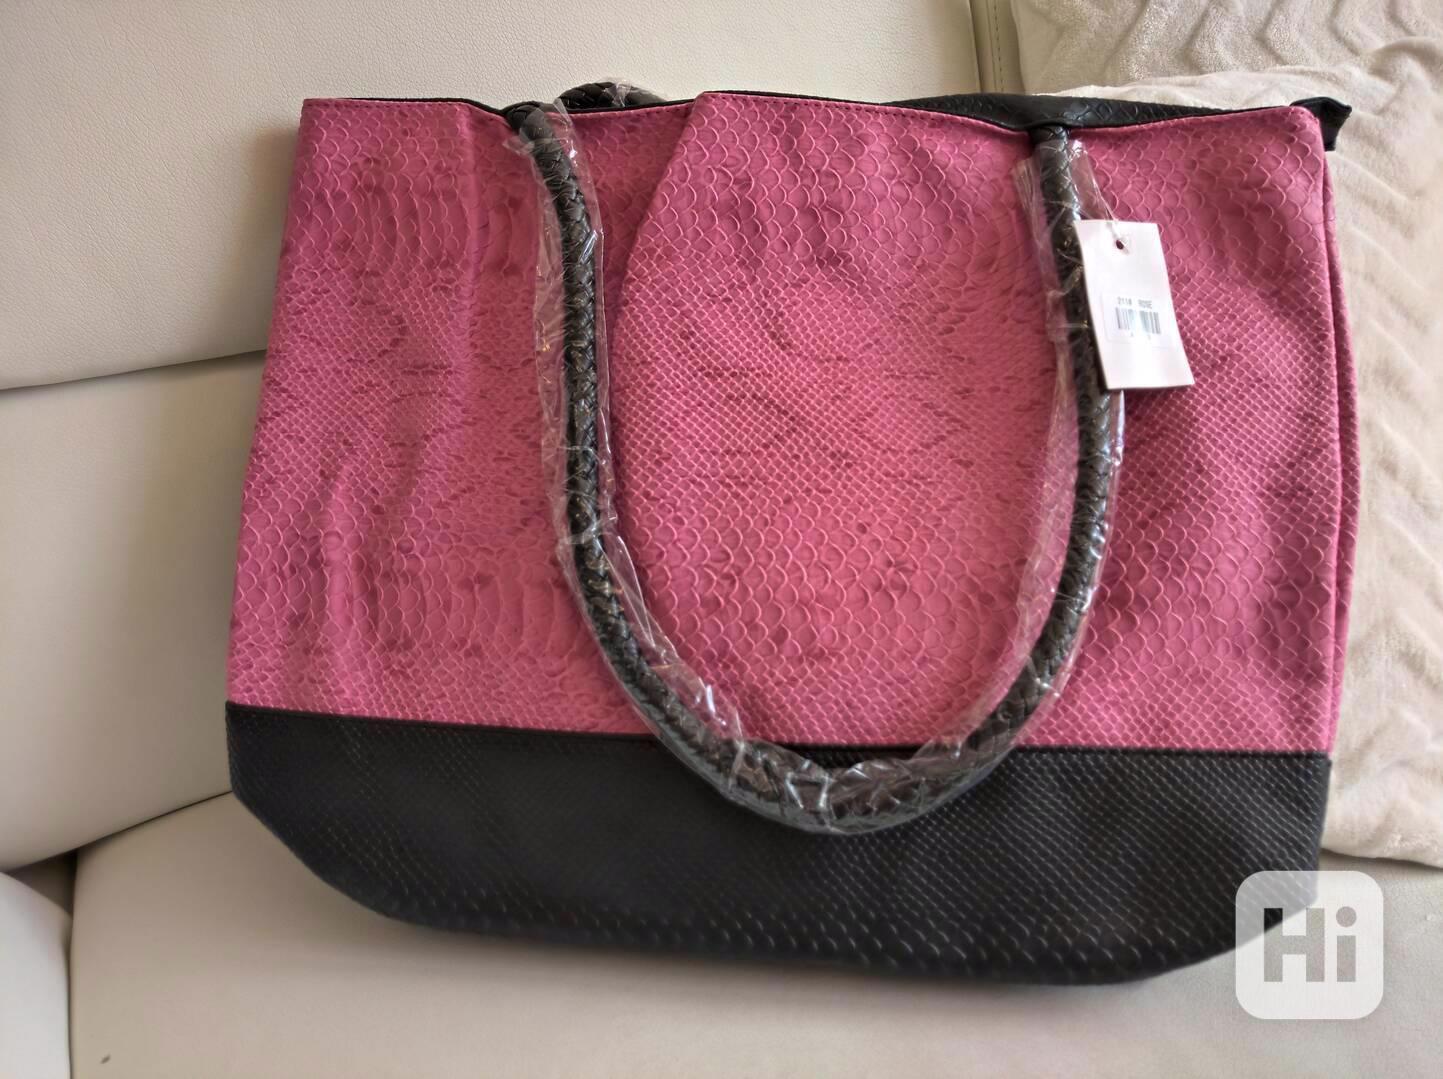 Dámská kabelka v hadím stylu - foto 1